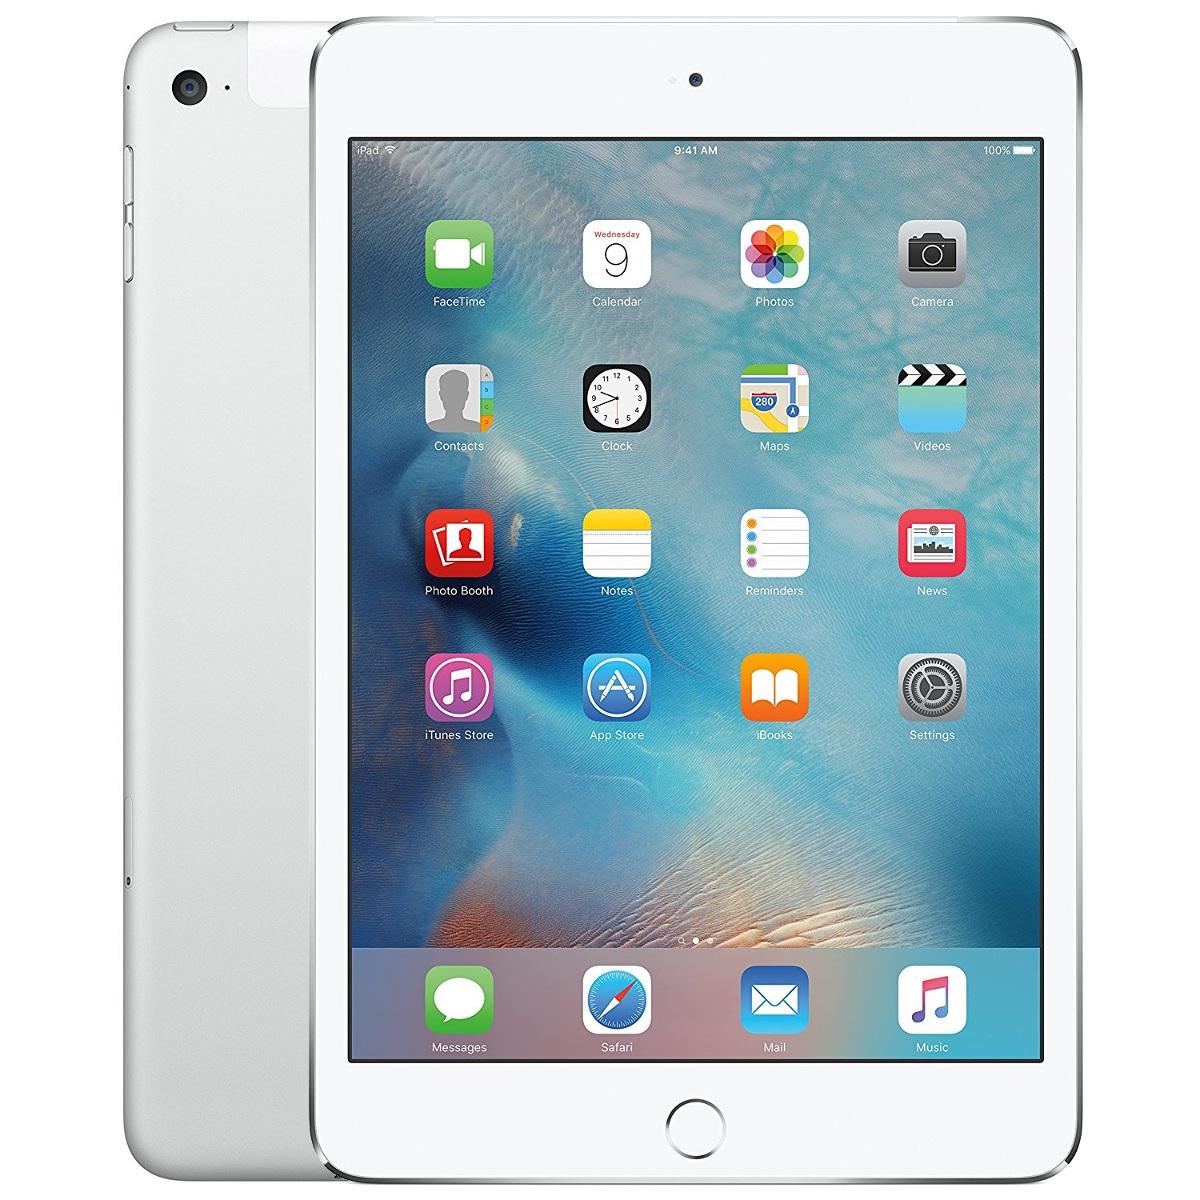 【エントリーでポイント12倍!11日1:59まで!】中古タブレットApple iPad Air2 Wi-Fi +Cellular 64GB SIMフリー シルバー MGHY2J/A 【中古】 Apple iPad Air2 Wi-Fi +Cellular 64GB 中古タブレットApple A8X iOS11.2